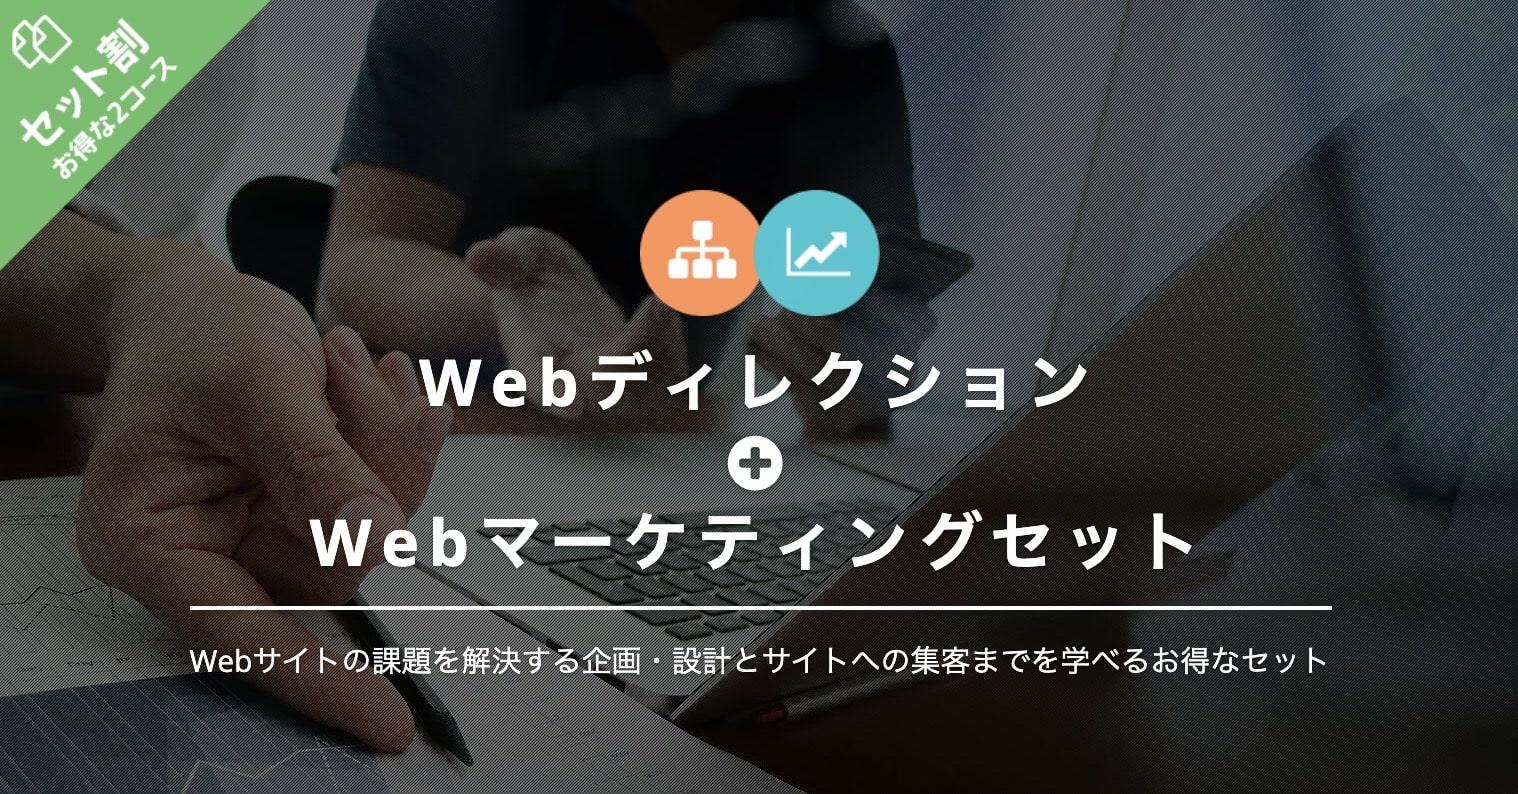 Webディレクション+Webマーケティングセットの料金|TechAcademy(テックアカデミー)2セット